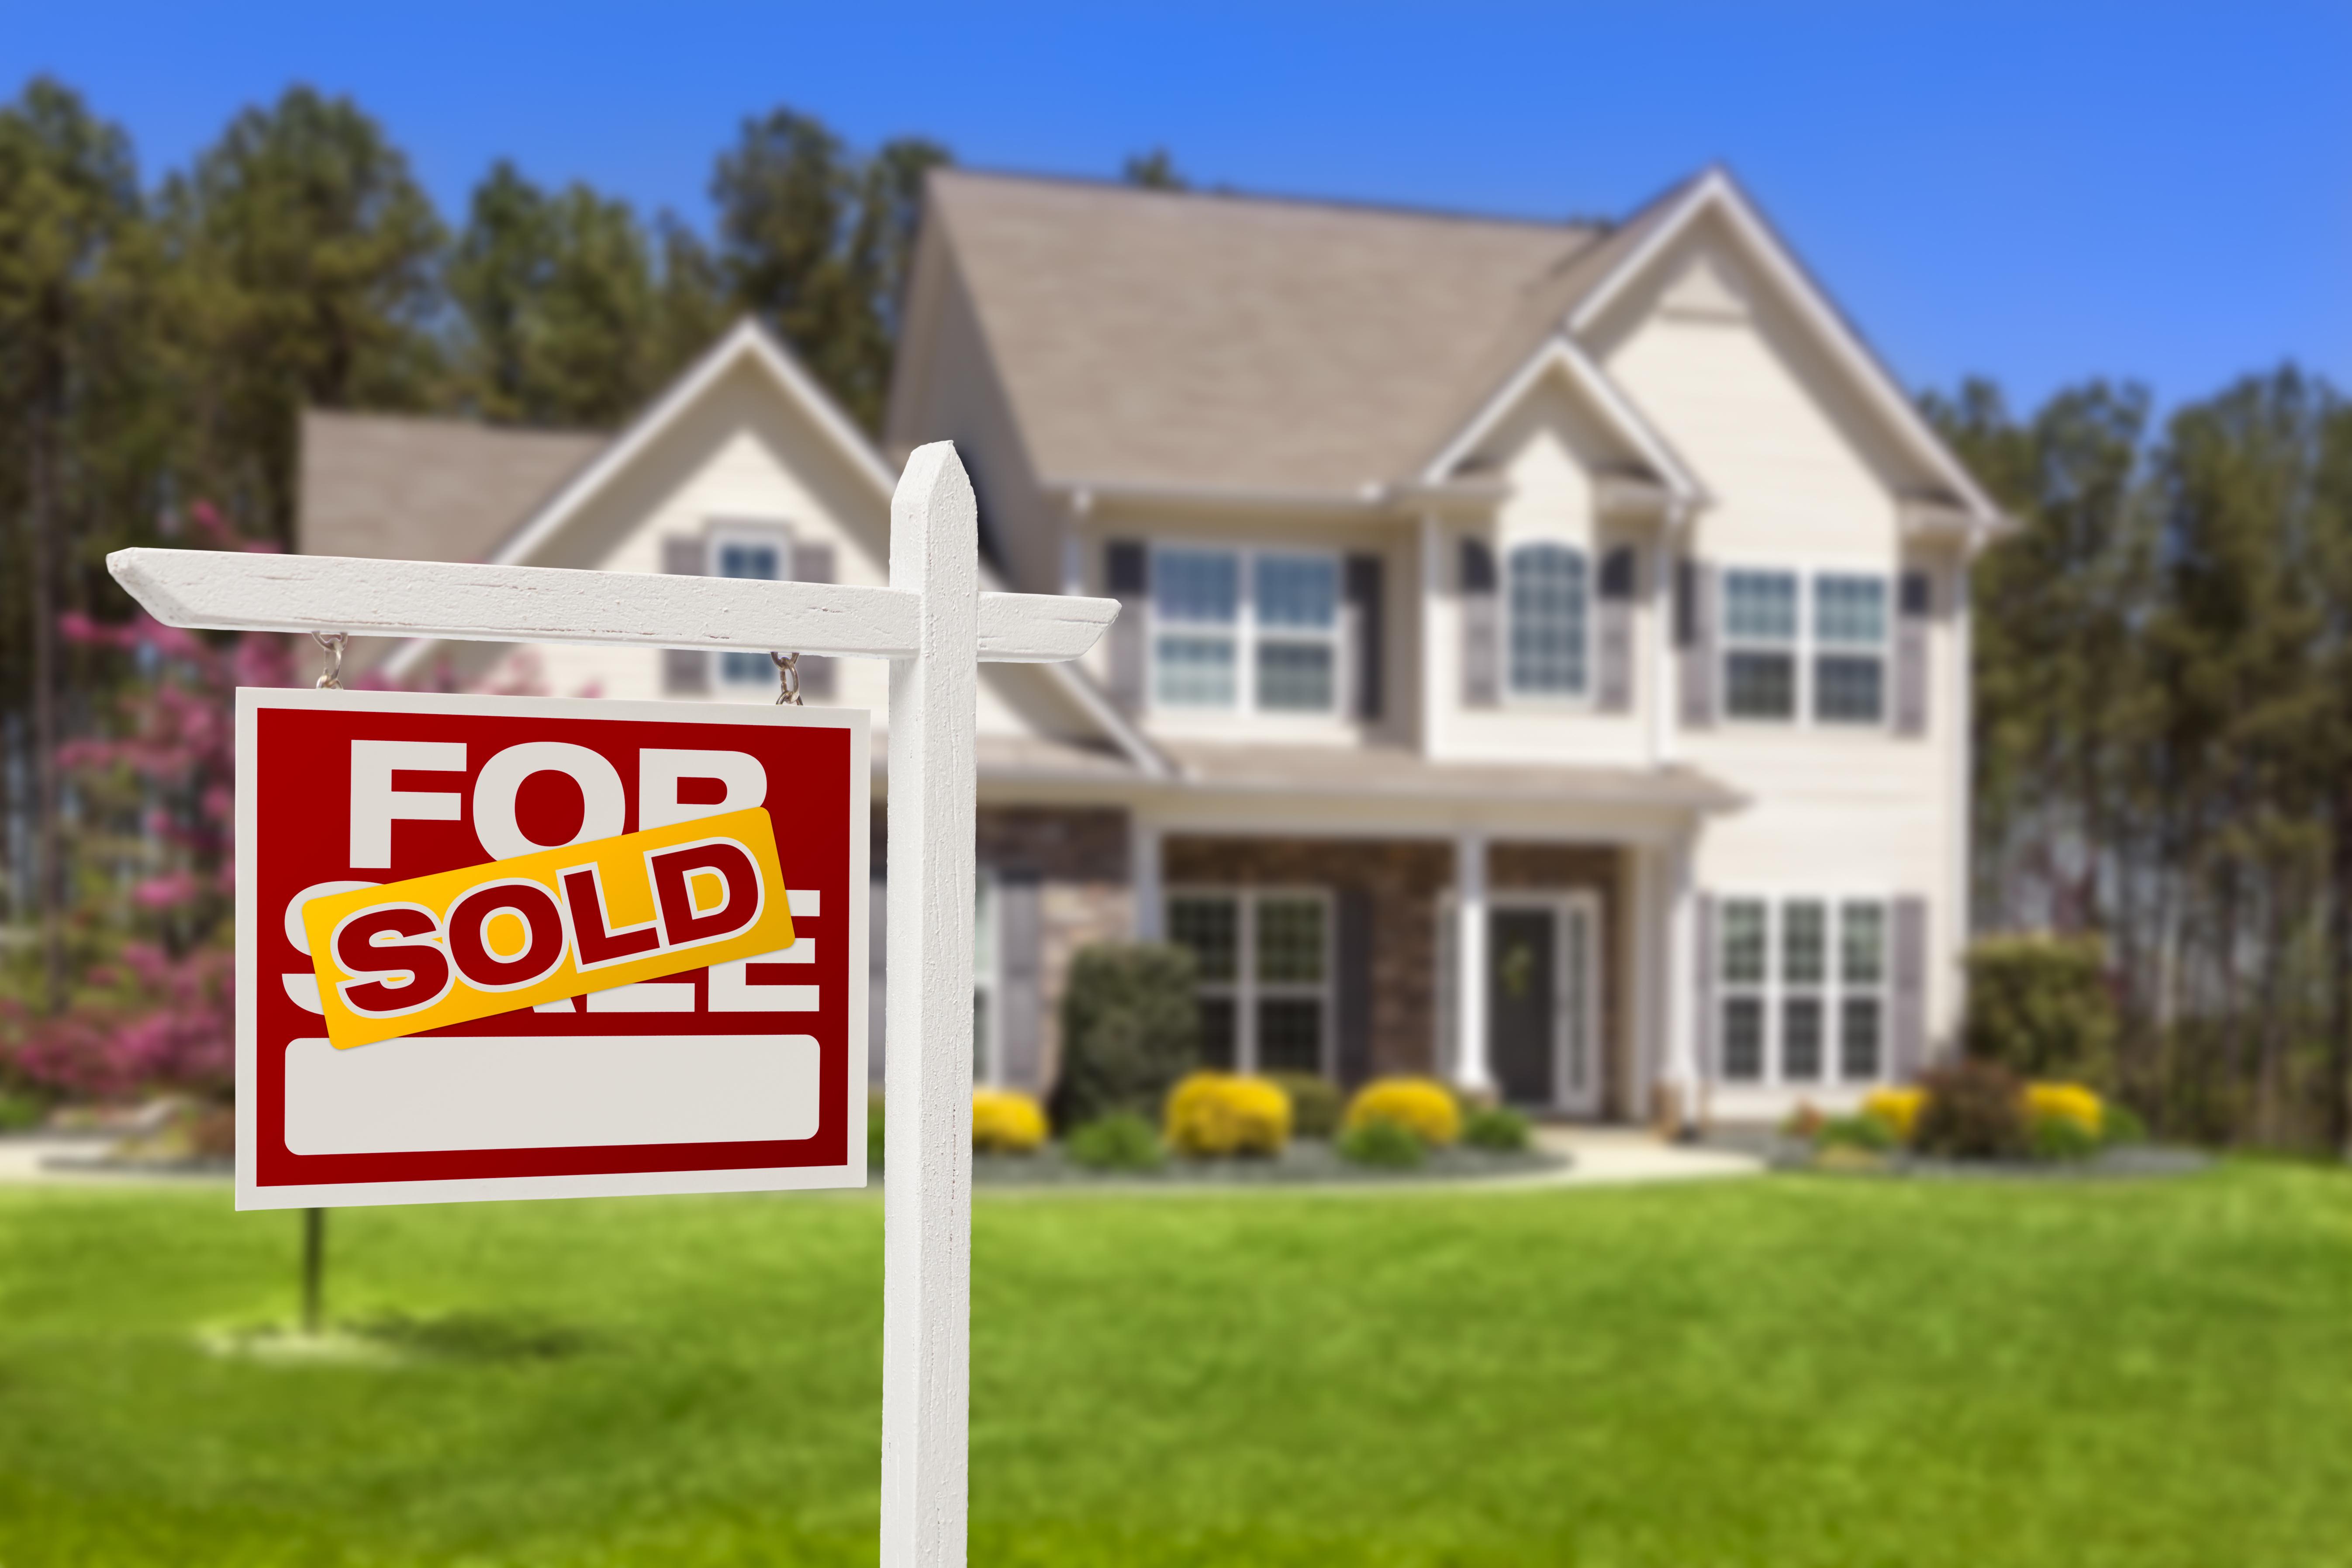 Homes For Sale in Logan, Utah